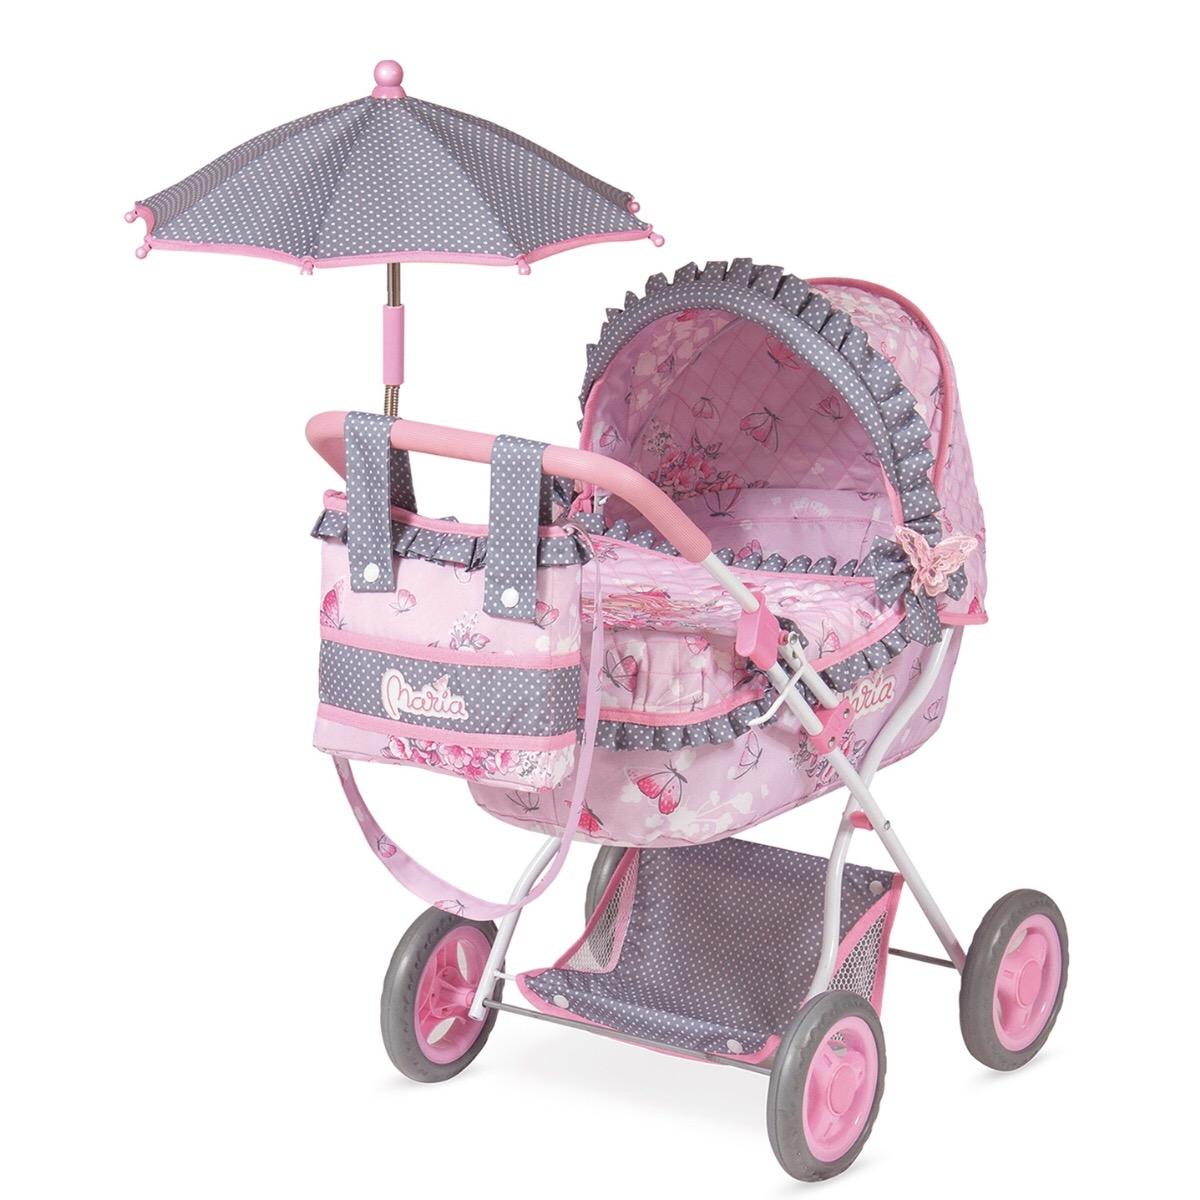 Купить Коляска DeCuevas с сумкой и зонтом - Мария, 65 см, DeCuevas